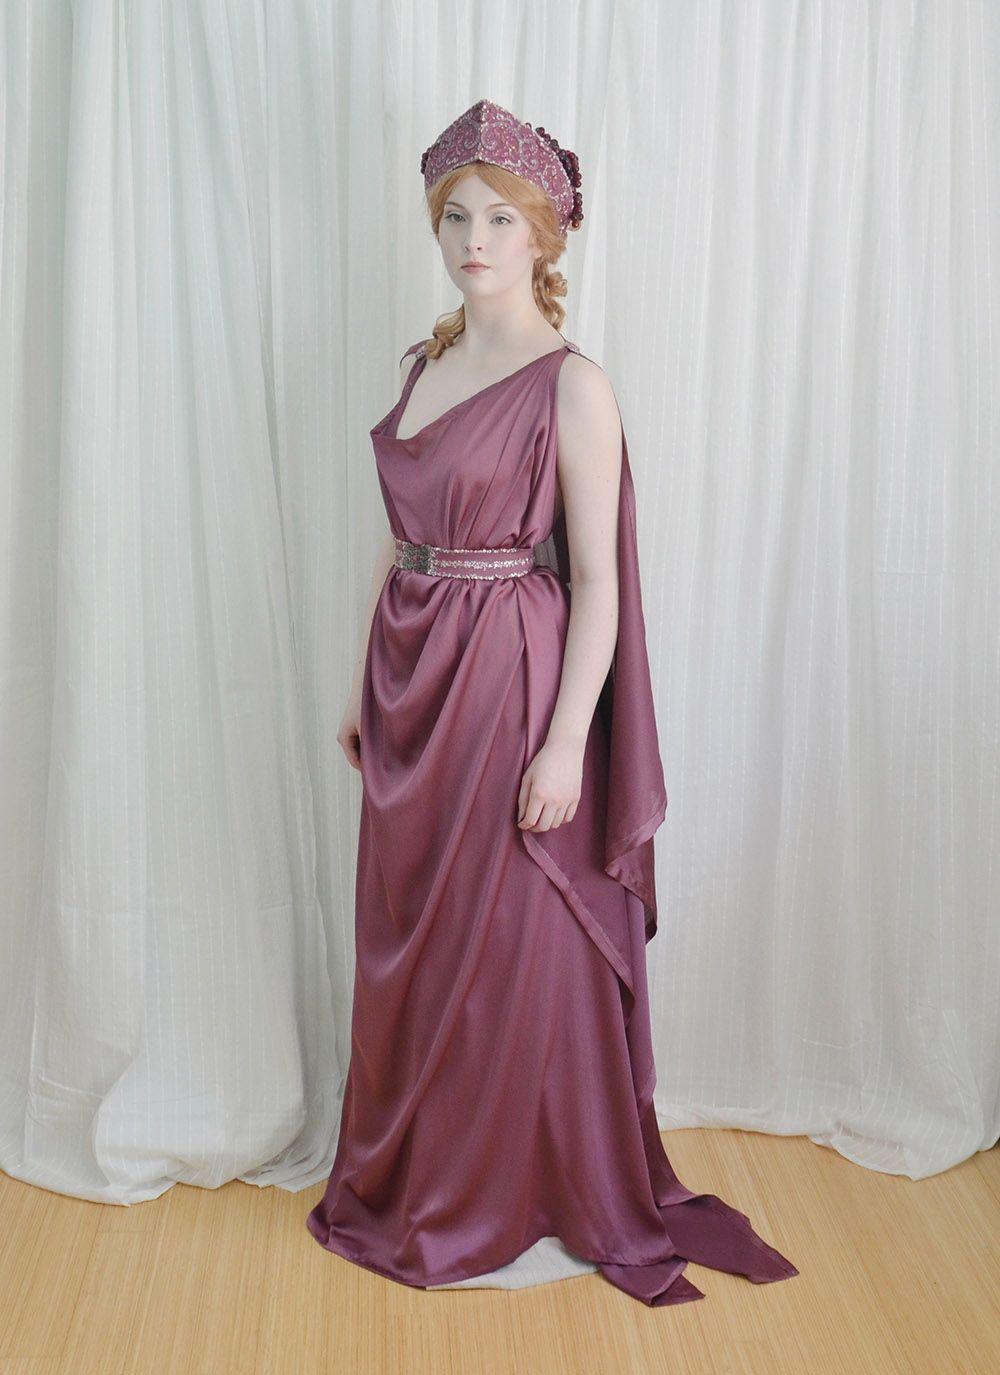 Angela Clayton Grecian 13  Griechisches kleid, Griechische outfits